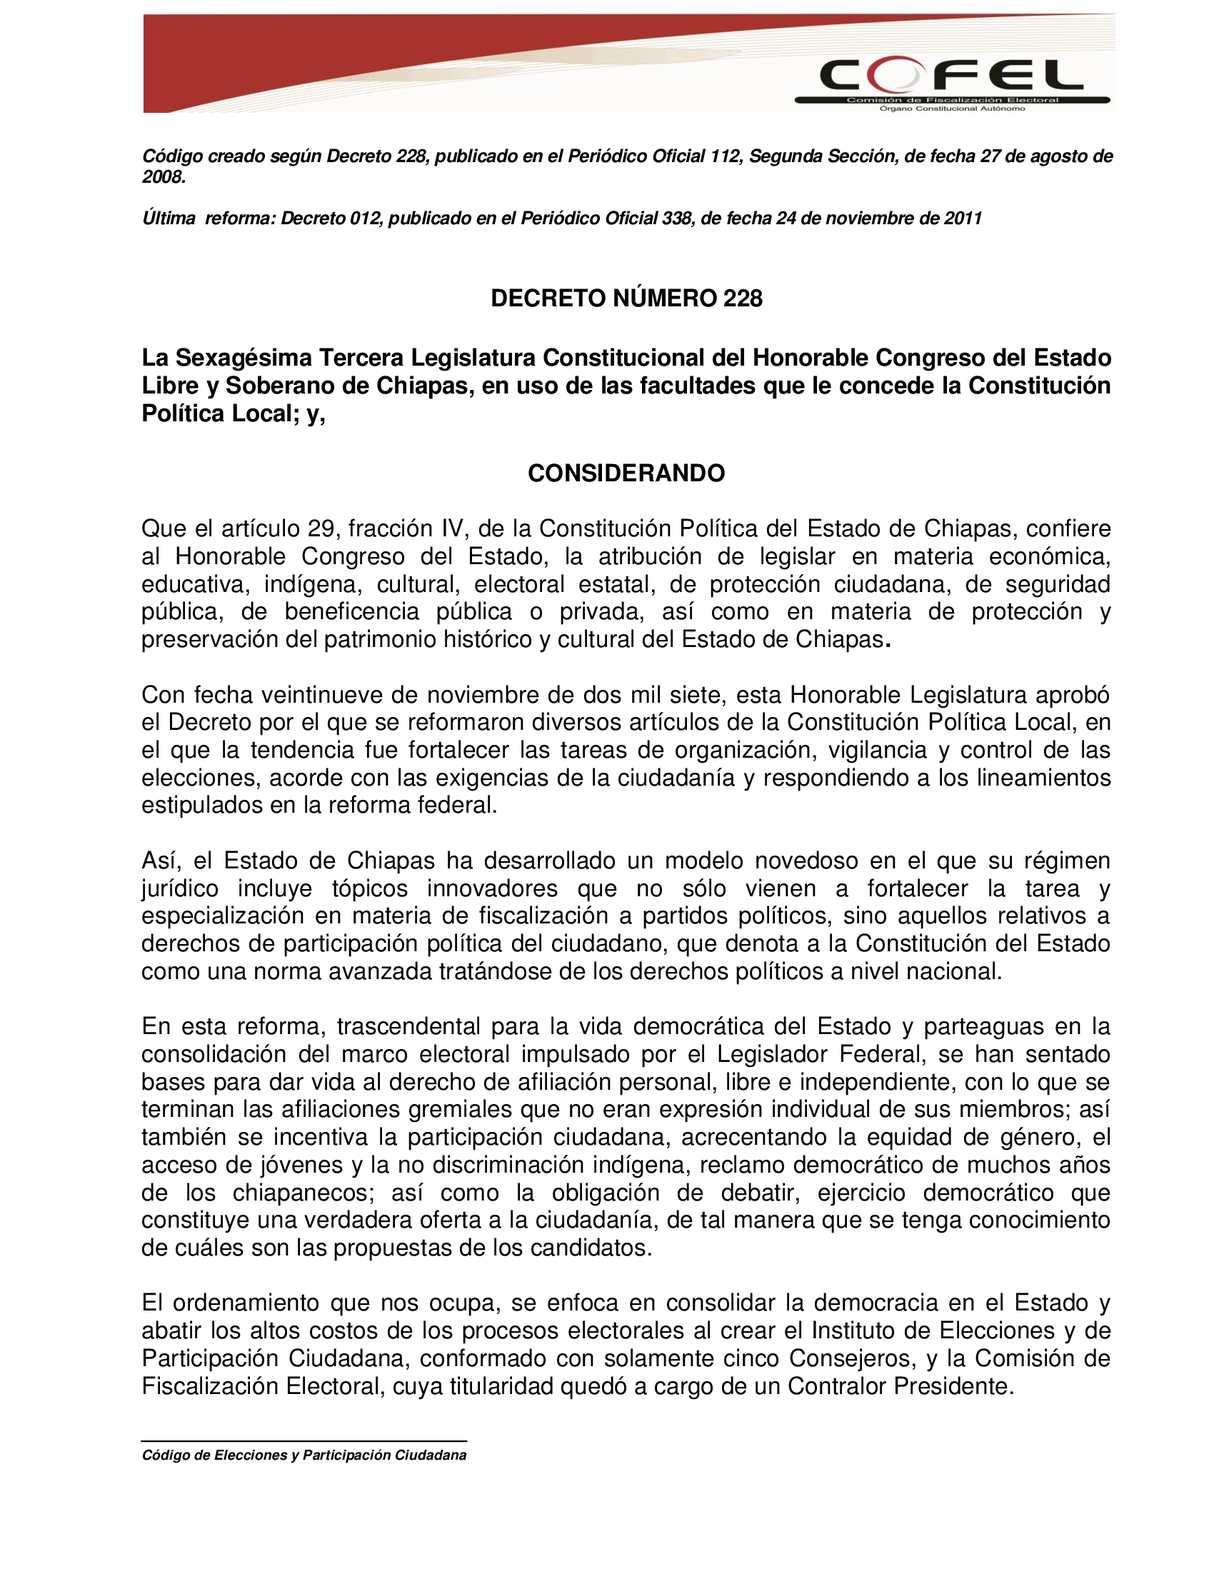 Calaméo - Codigo de Elecciones y Participacion Ciudadana